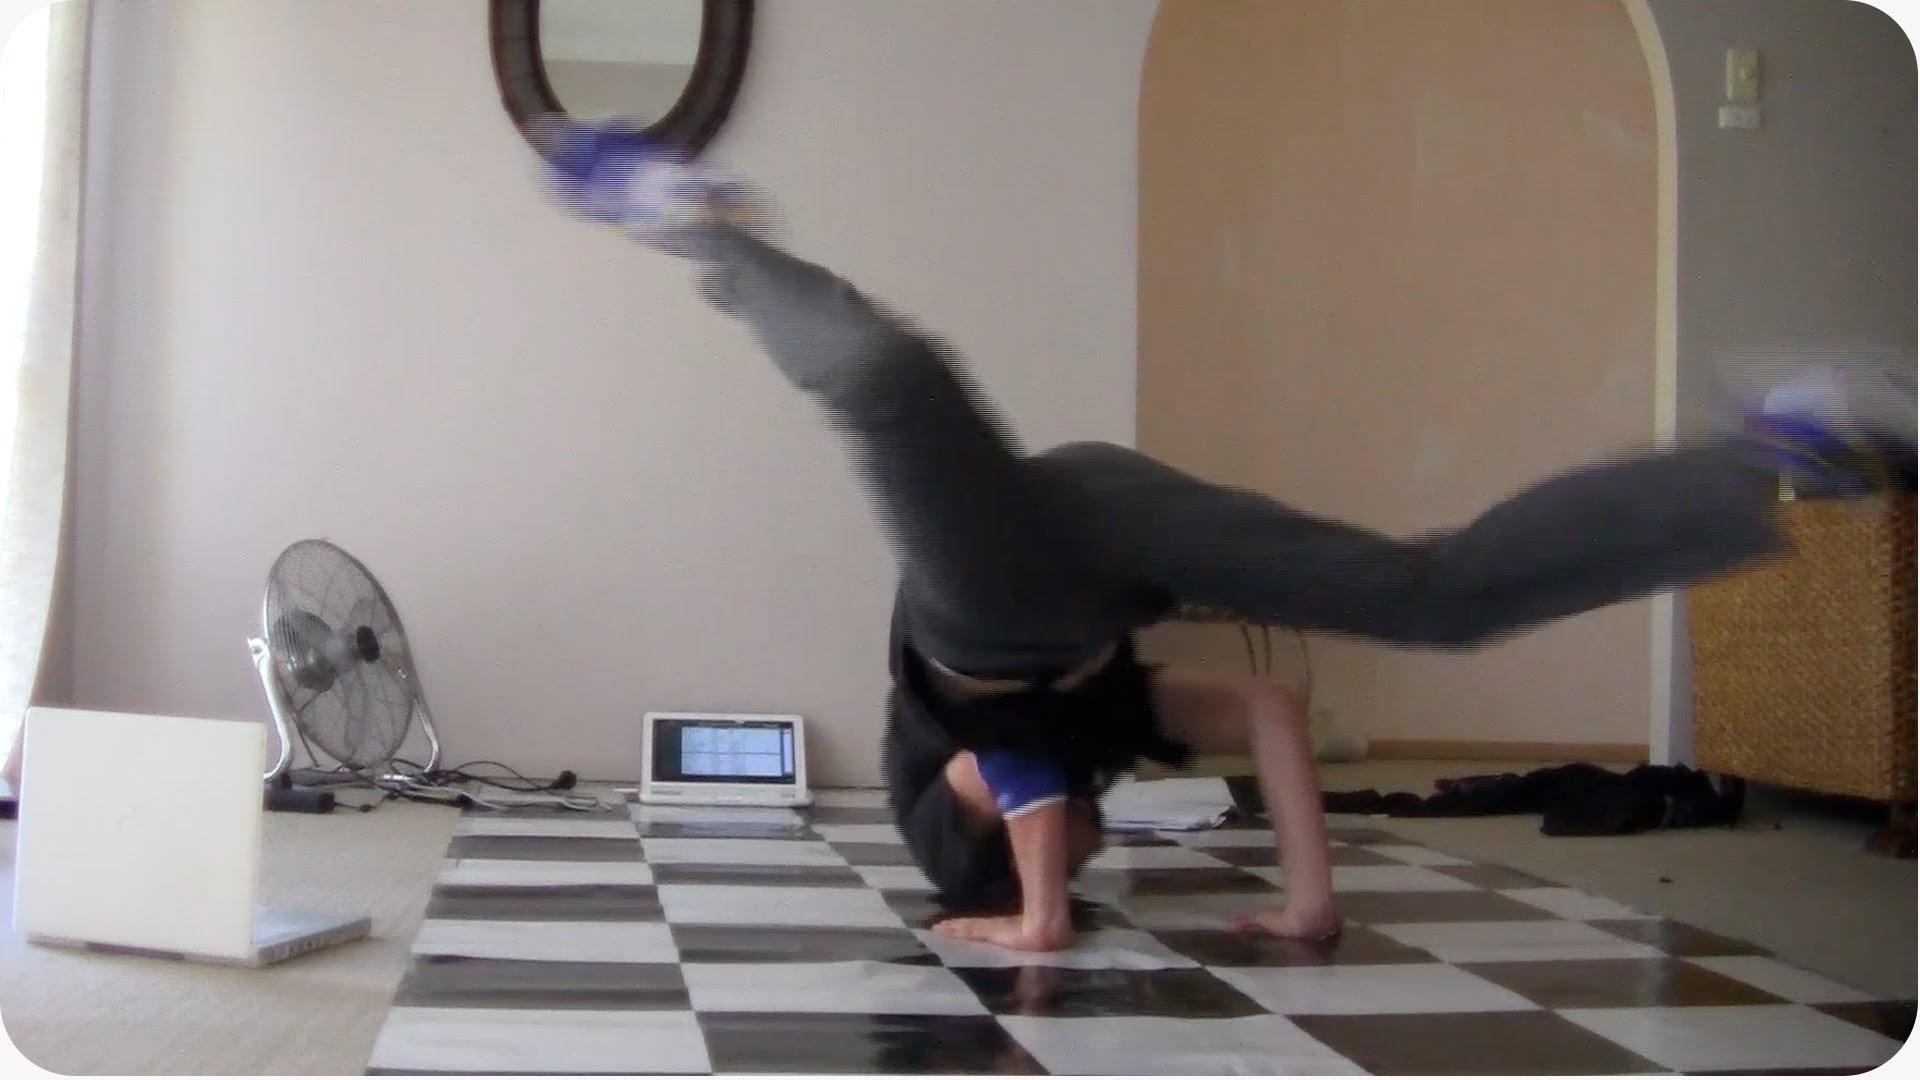 Kluk chtěl natočit breakdance video a místo toho si zničil notebook!